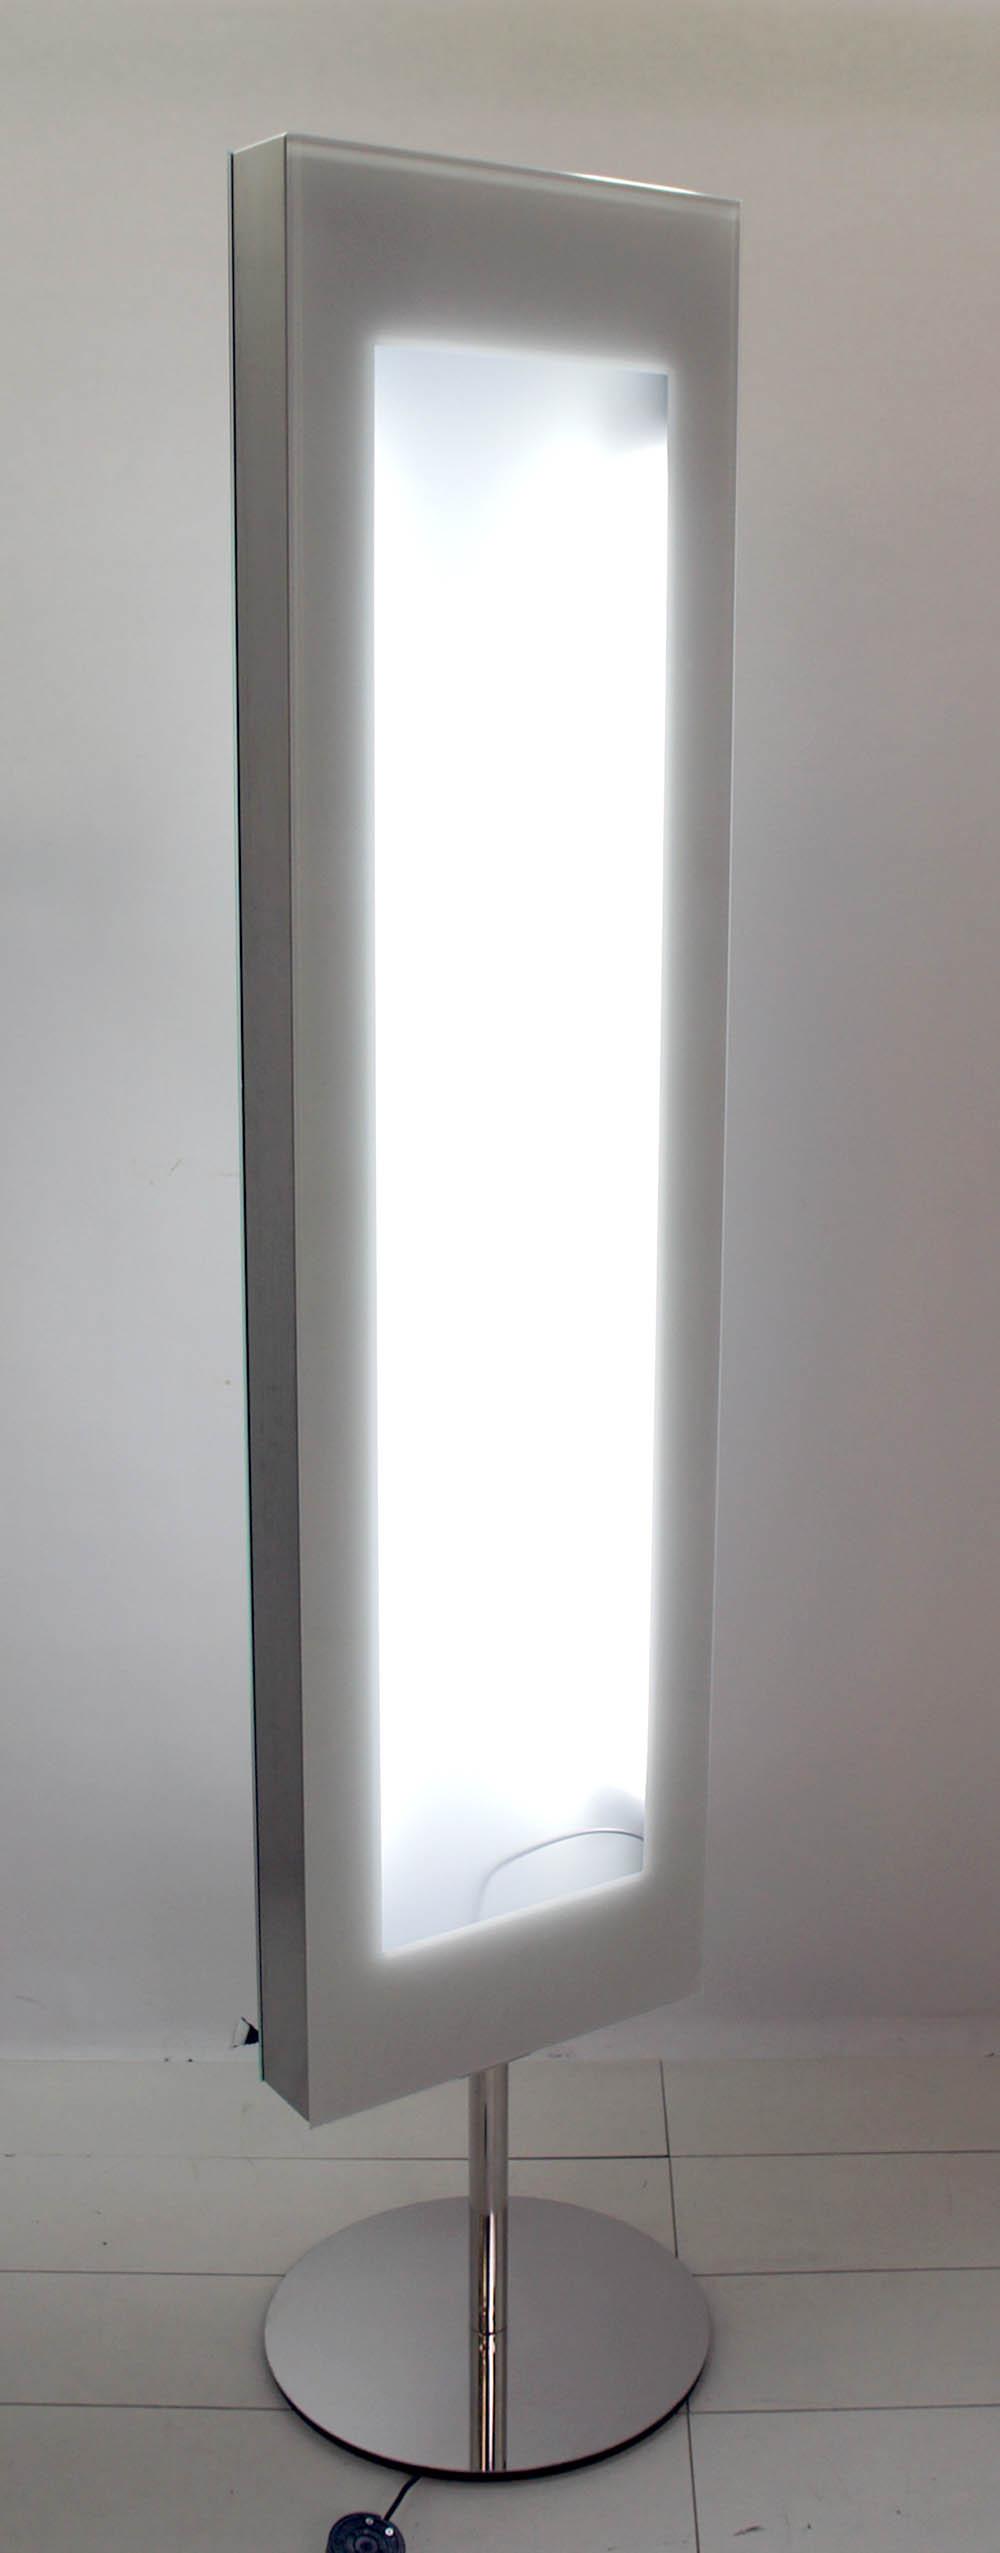 YA_070617_36570--1- Elegantes Spiegel Mit Indirekter Beleuchtung Dekorationen